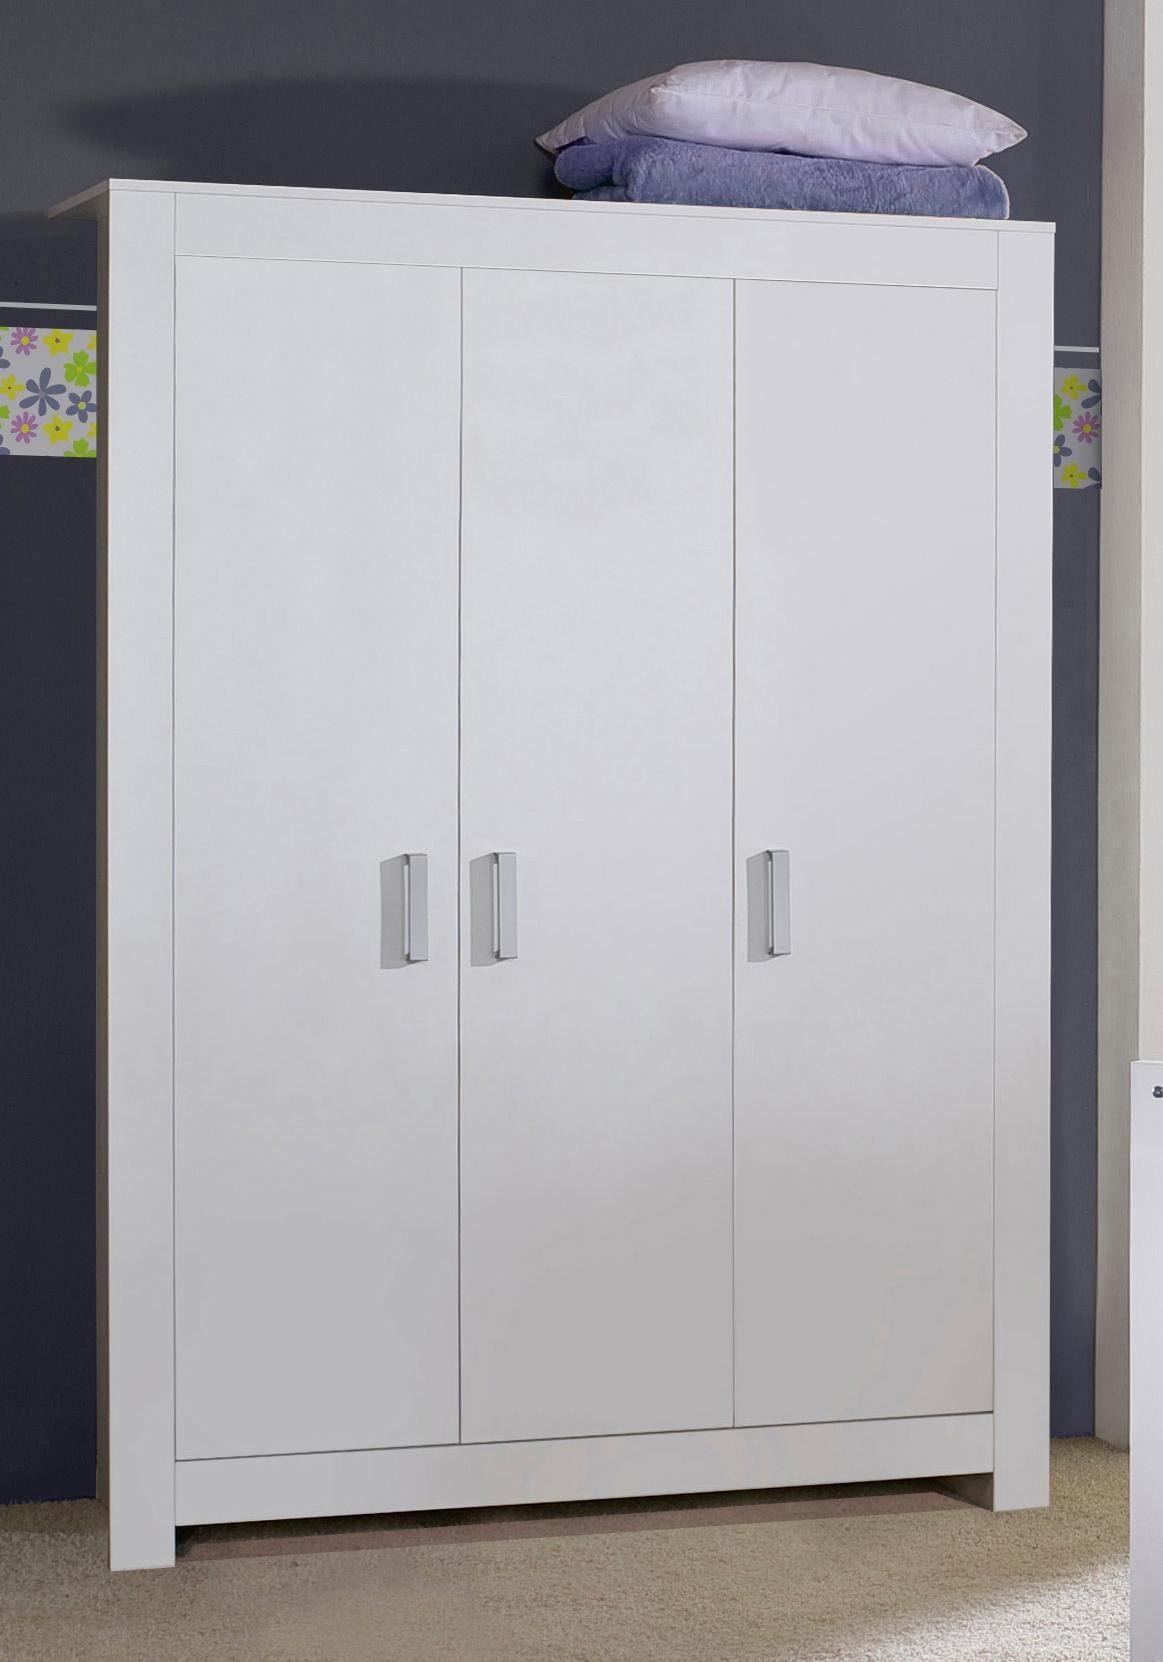 3-tlg. Schrank passend zur Möbelserie »Kopenhagen«, in weiß matt